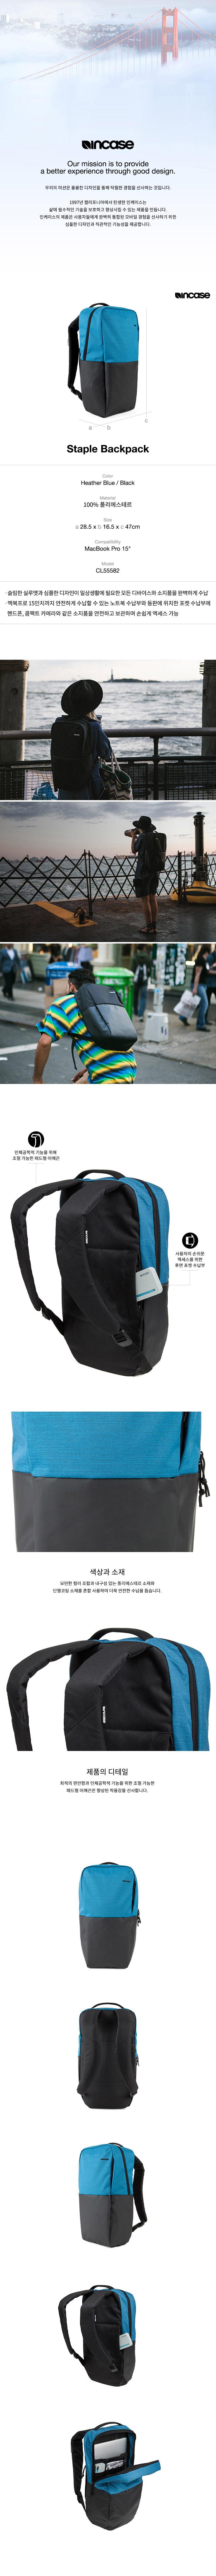 [인케이스]INCASE - Staple Pack CL55582 (Heather Blue/Black) 인케이스코리아 정품 AS가능